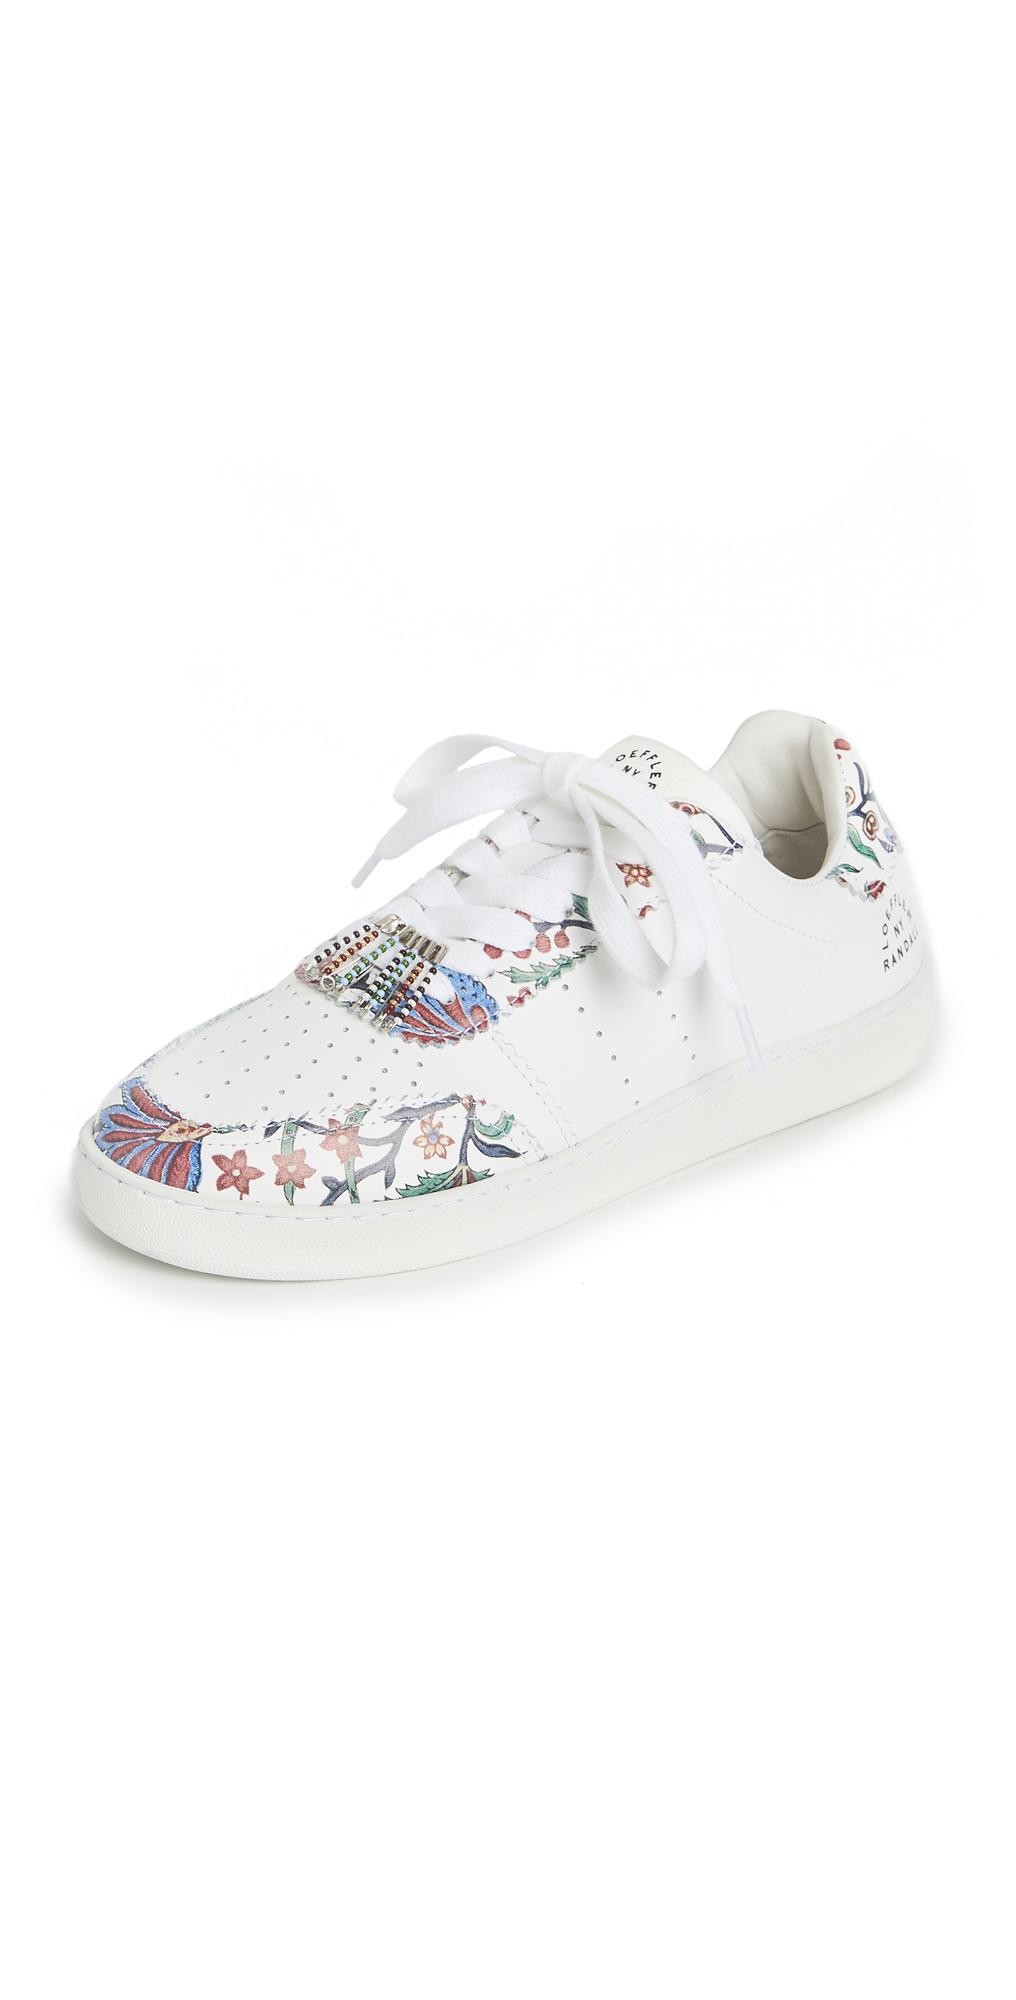 Loeffler Randall Keeley Sneakers